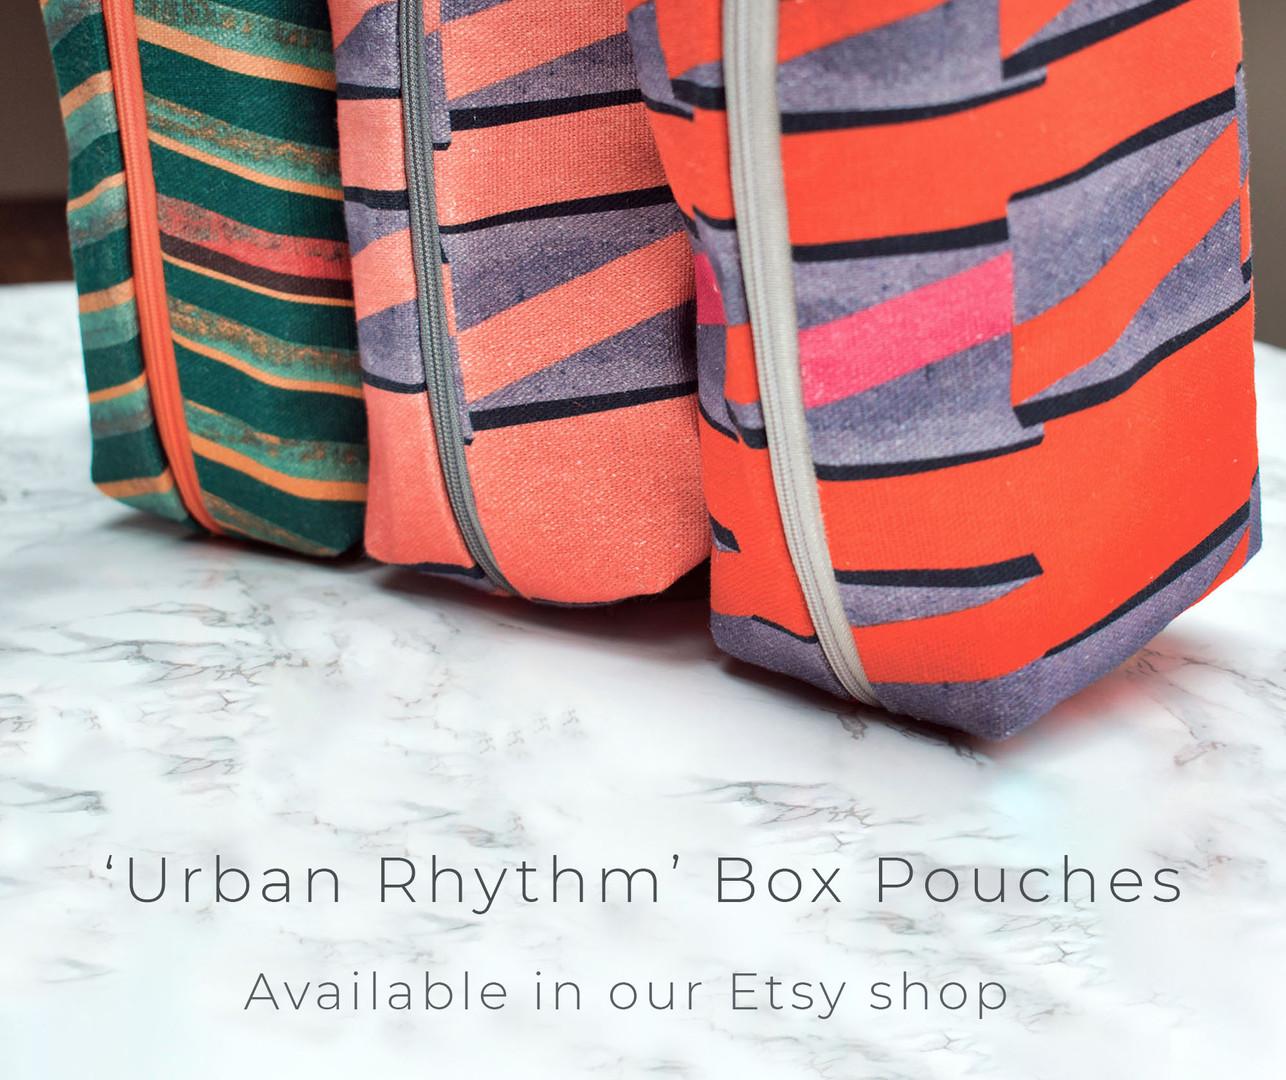 Urban Rhythm Box Pouches